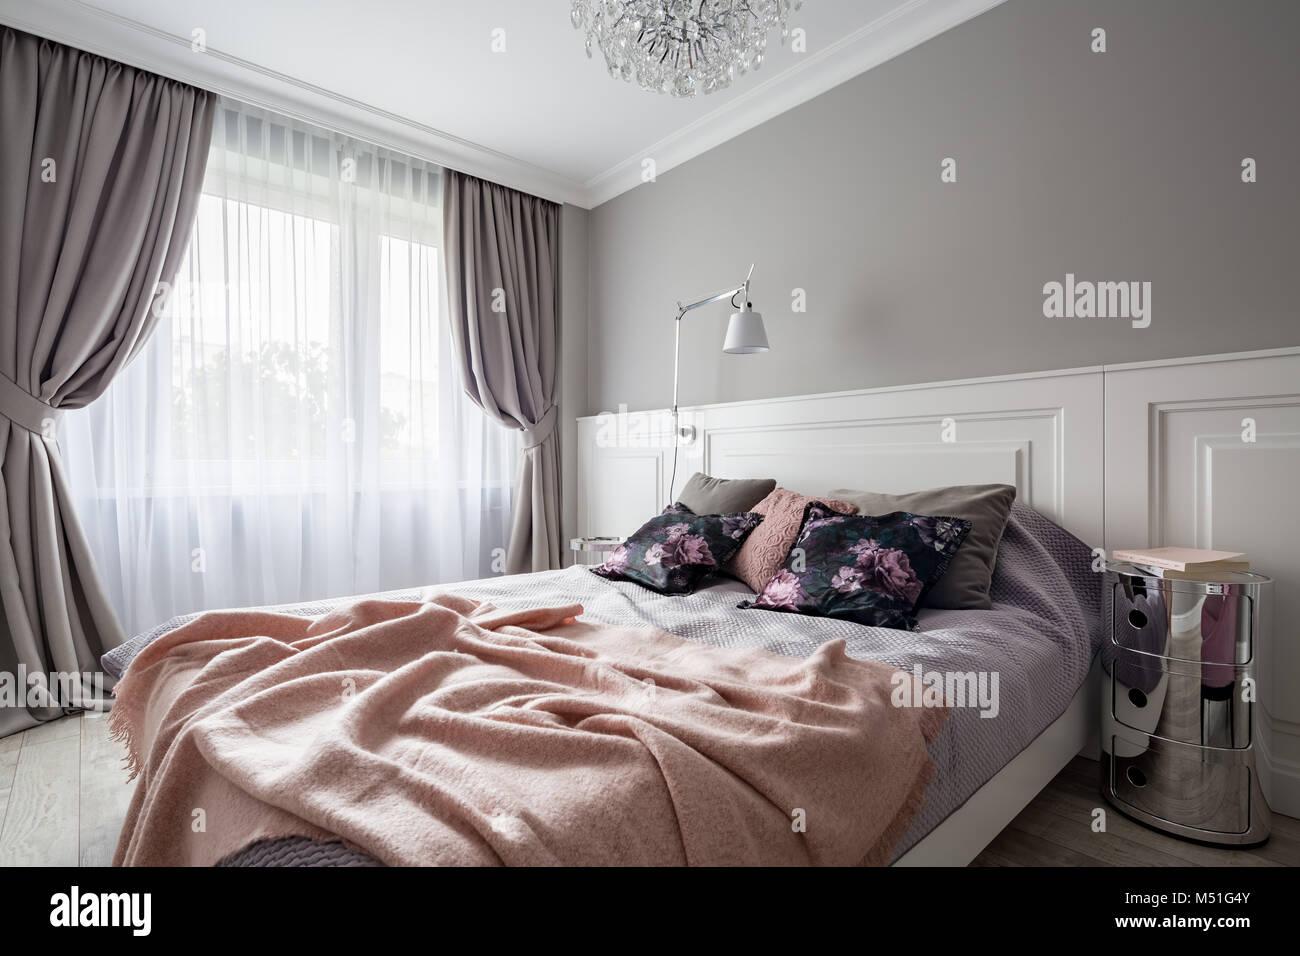 Pastellfarben Schlafzimmer Mit Doppelbett Und Dekorativen Vorhangen